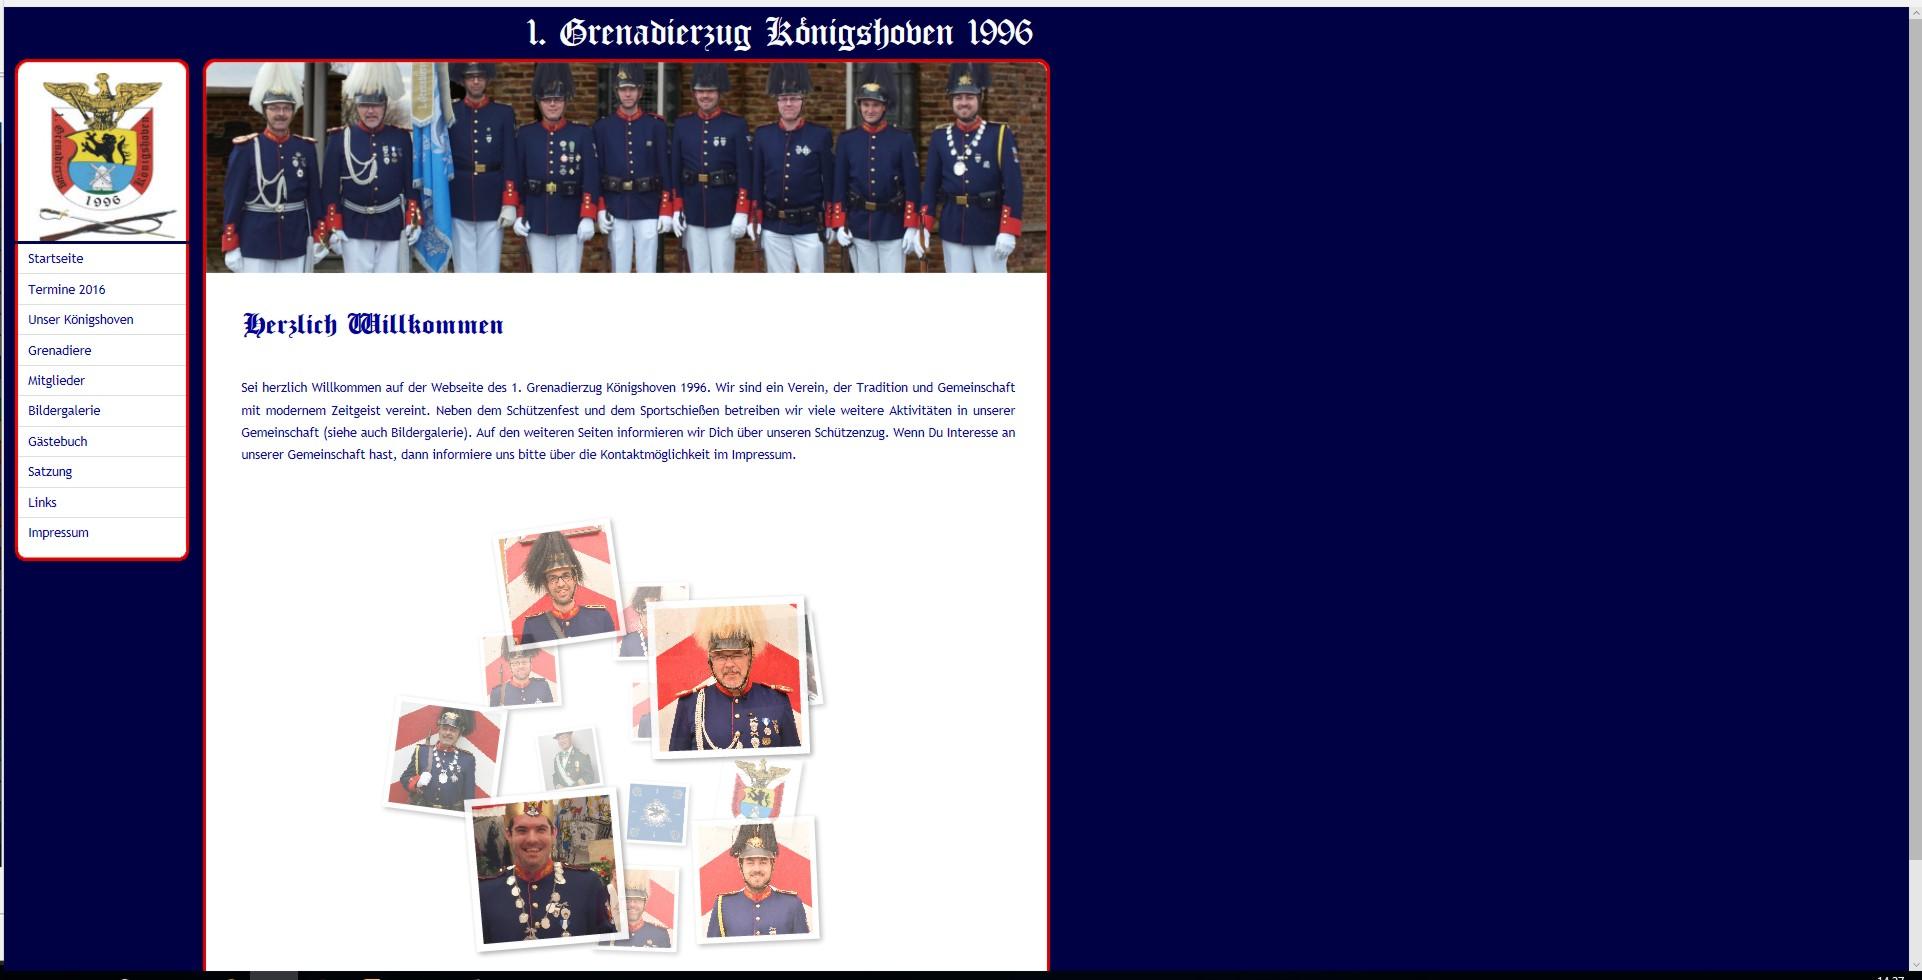 Bild Website Schützenzug Grenadiere Königshoven (NRW)